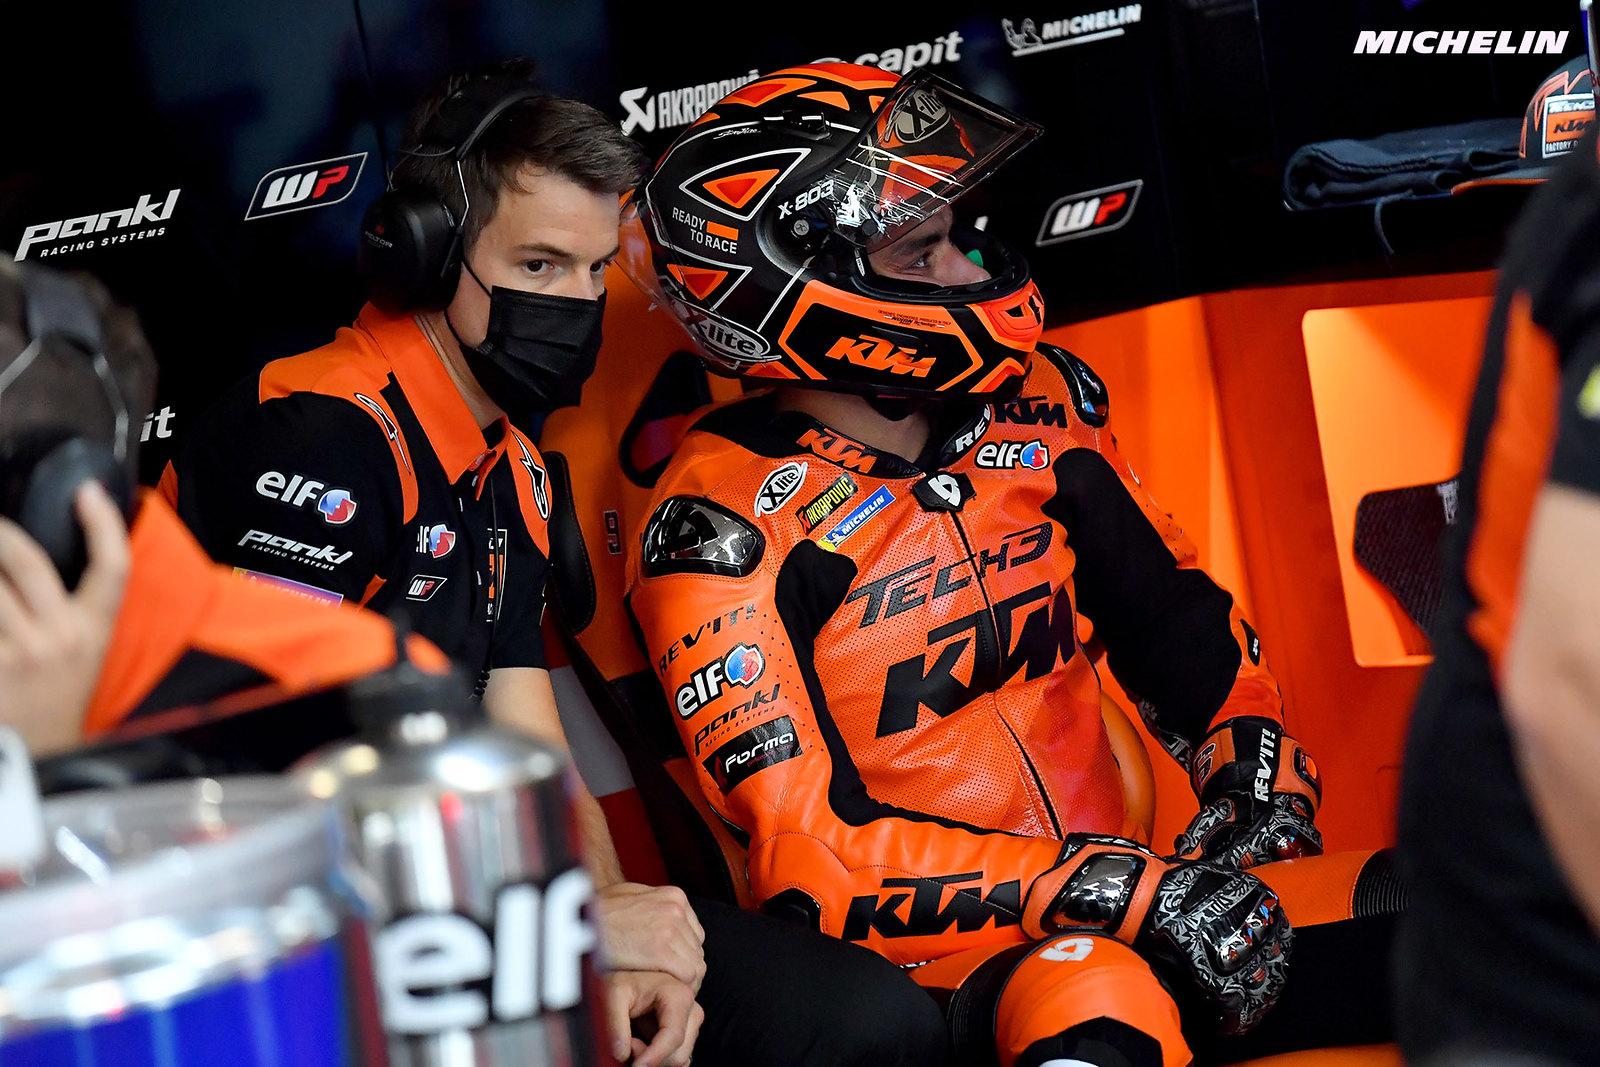 MotoGP2021 オランダGP 総合9位ダニーロ・ペトルッチ「ストレートでスピードを失っている」